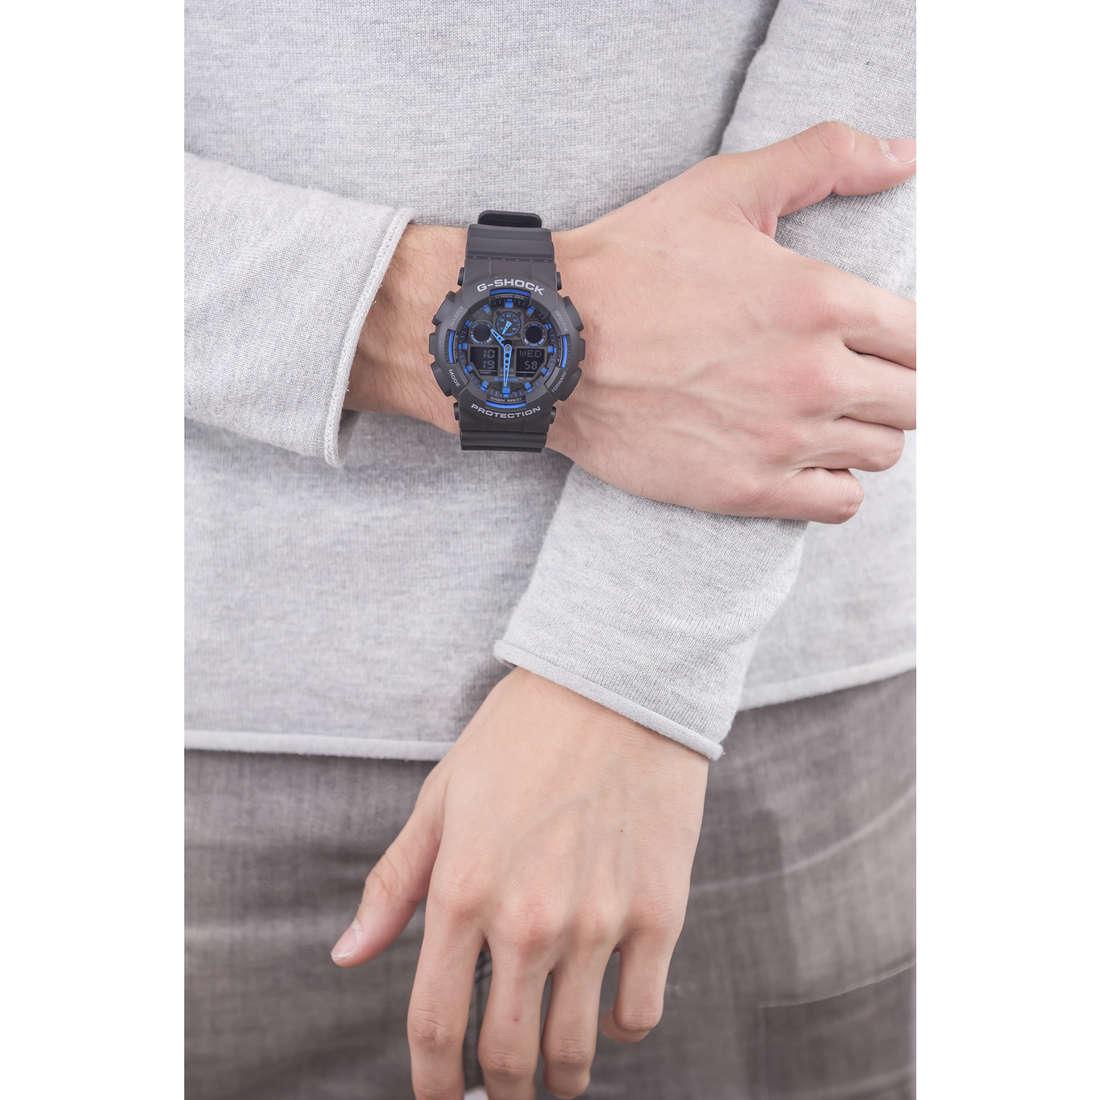 Casio digitali G-Shock uomo GA-100-1A2ER indosso